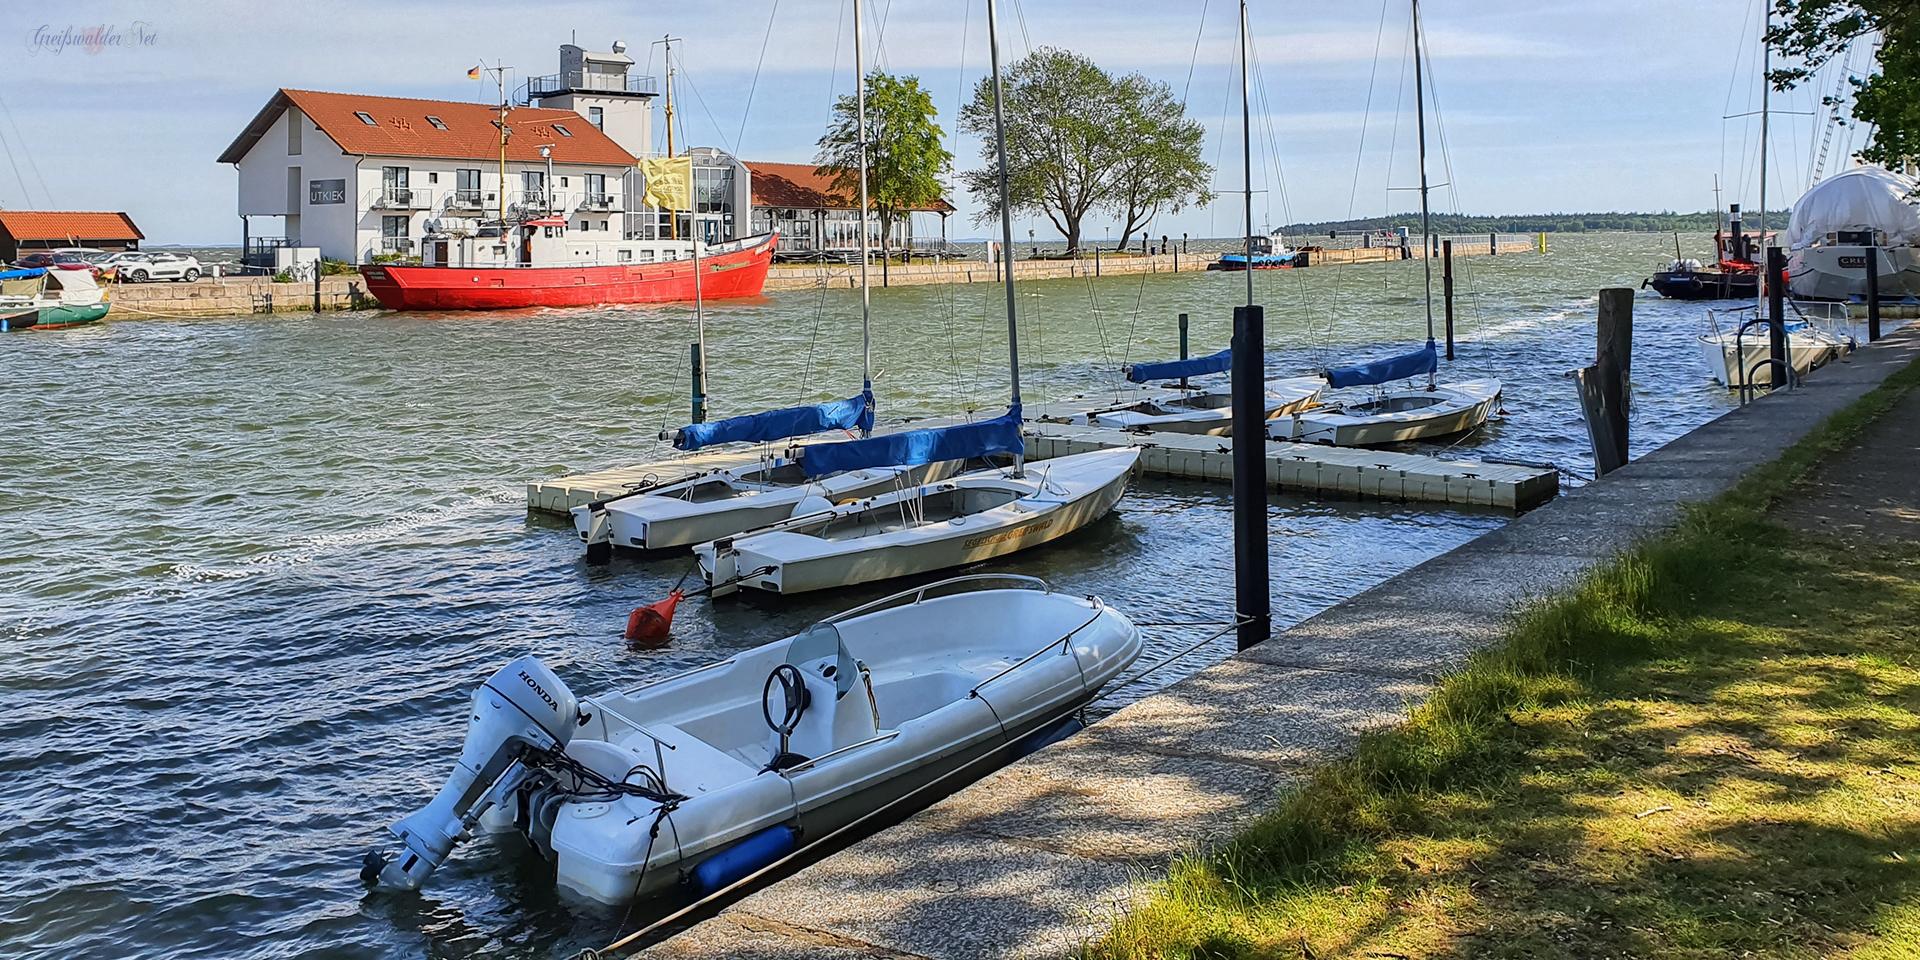 Böig auffrischender Nordwestwind in Greifswald-Wieck